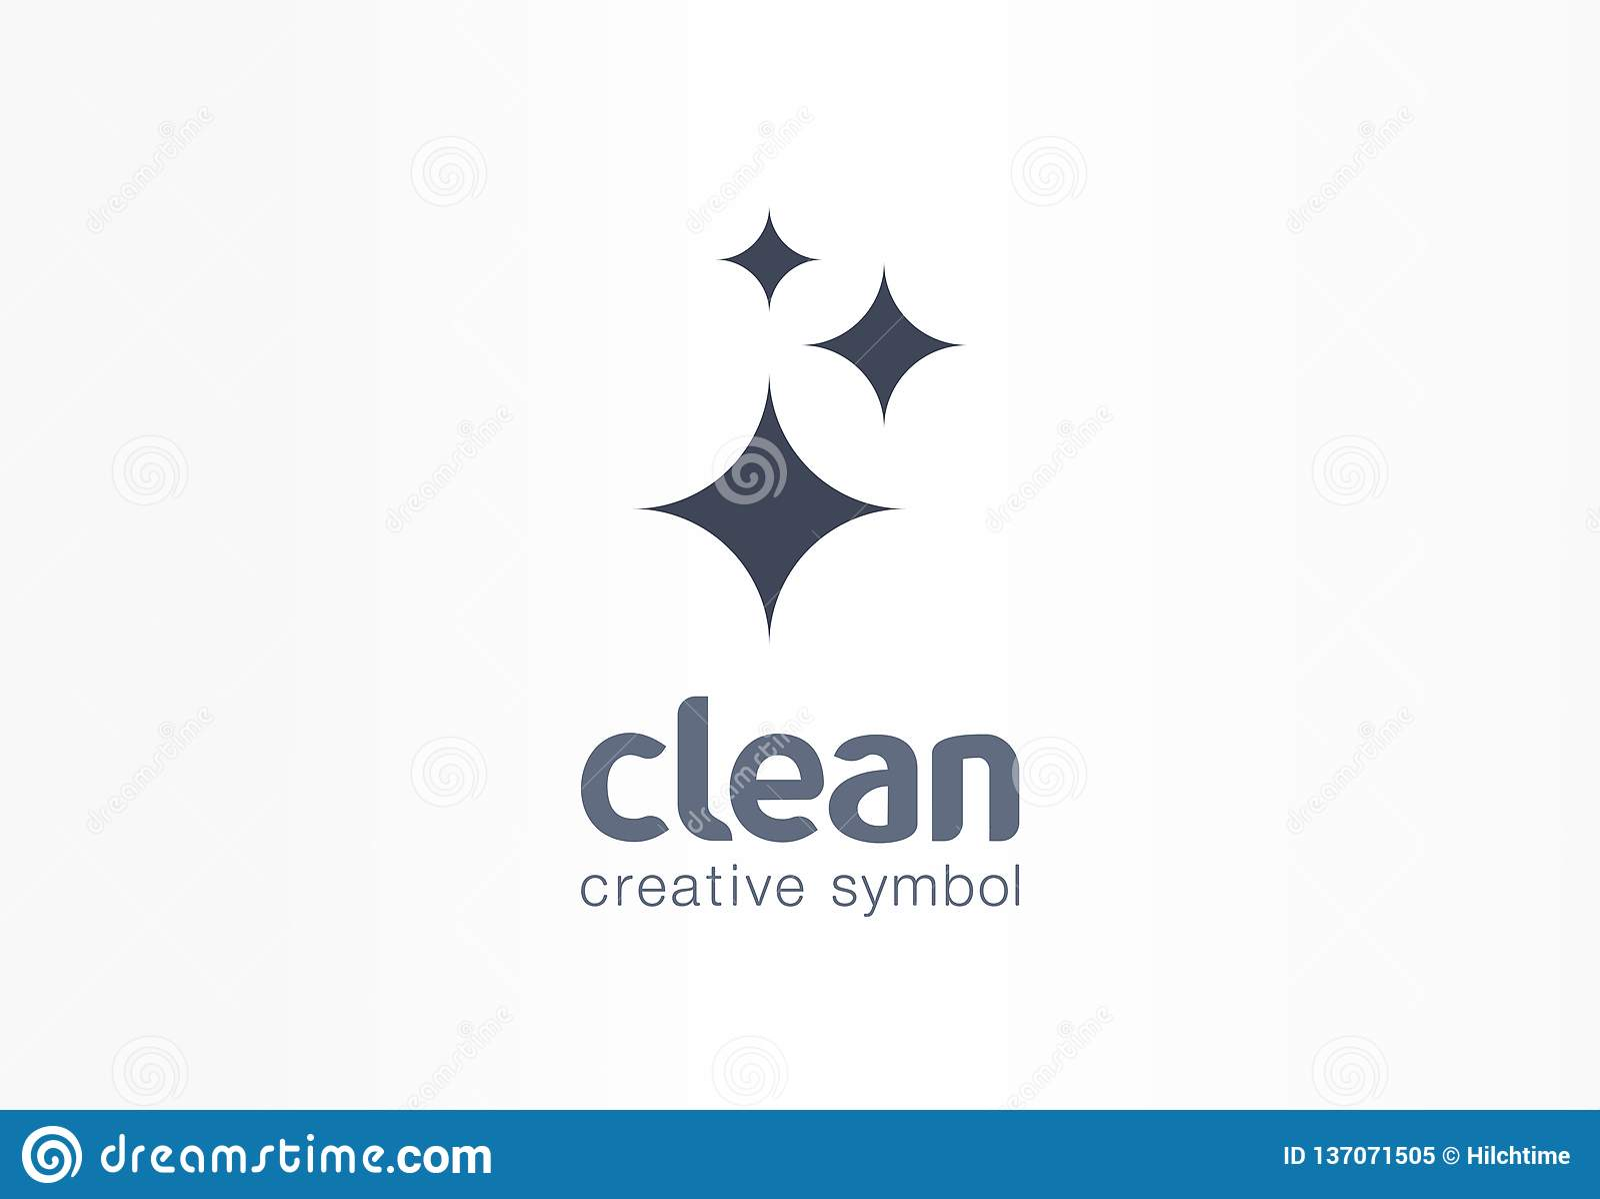 闪闪发光星,新创造性的标志概念 闪电,天文,强光,清洁公司摘要企业商标